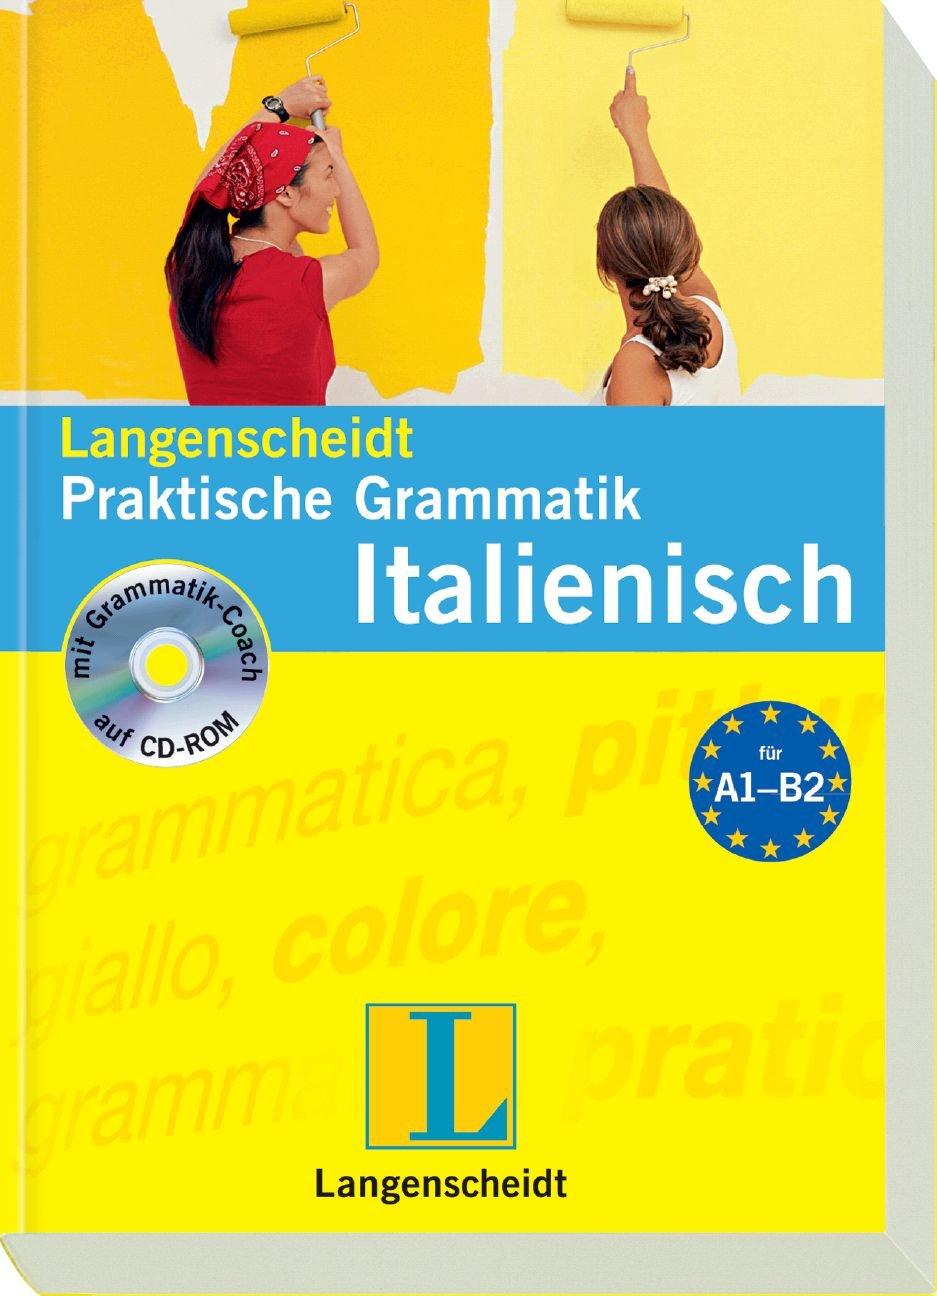 Langenscheidt Praktische Grammatik Italienisch - Buch mit CD-ROM (Langenscheidt Praktische Grammatiken)